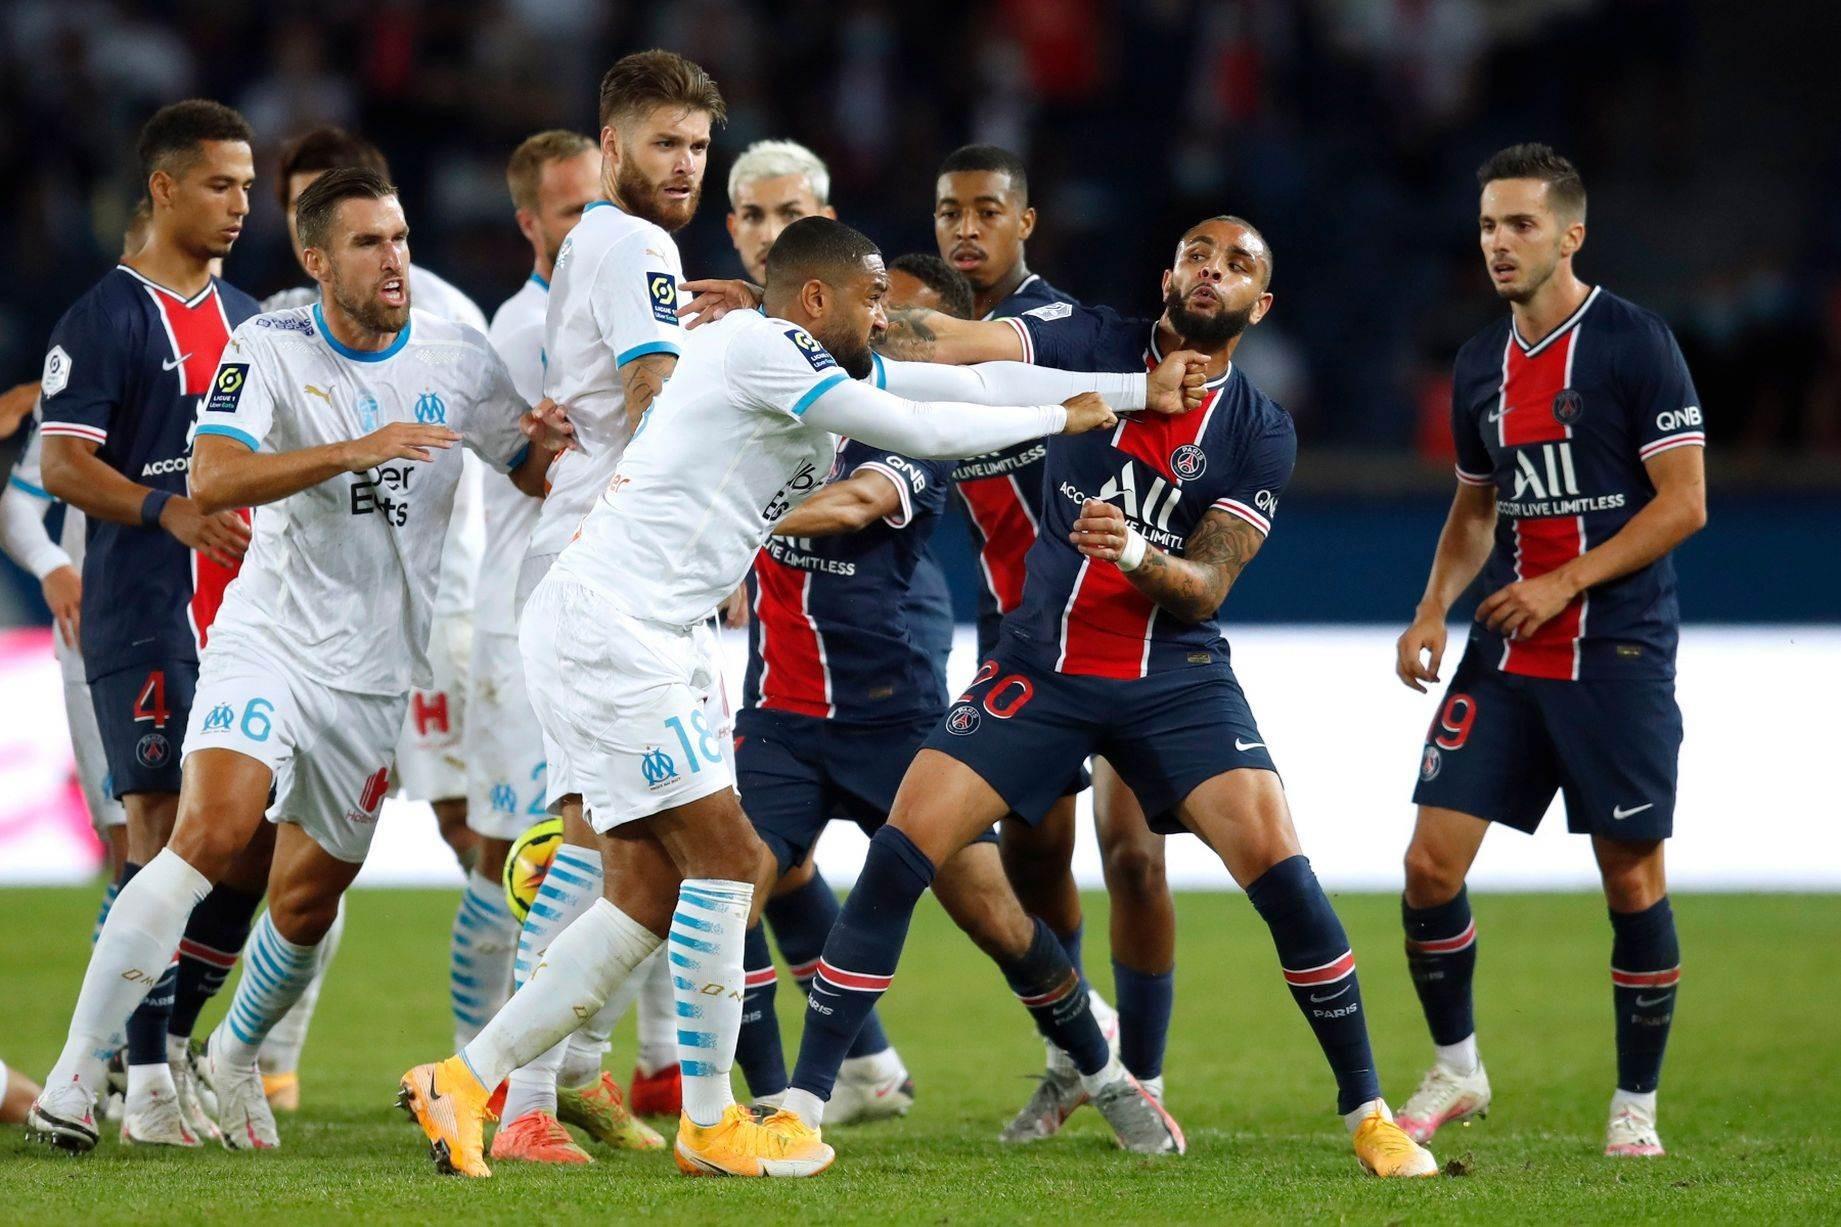 عراك بين لاعبي باريس سان جيرمان ومارسيليا (أرشيف)